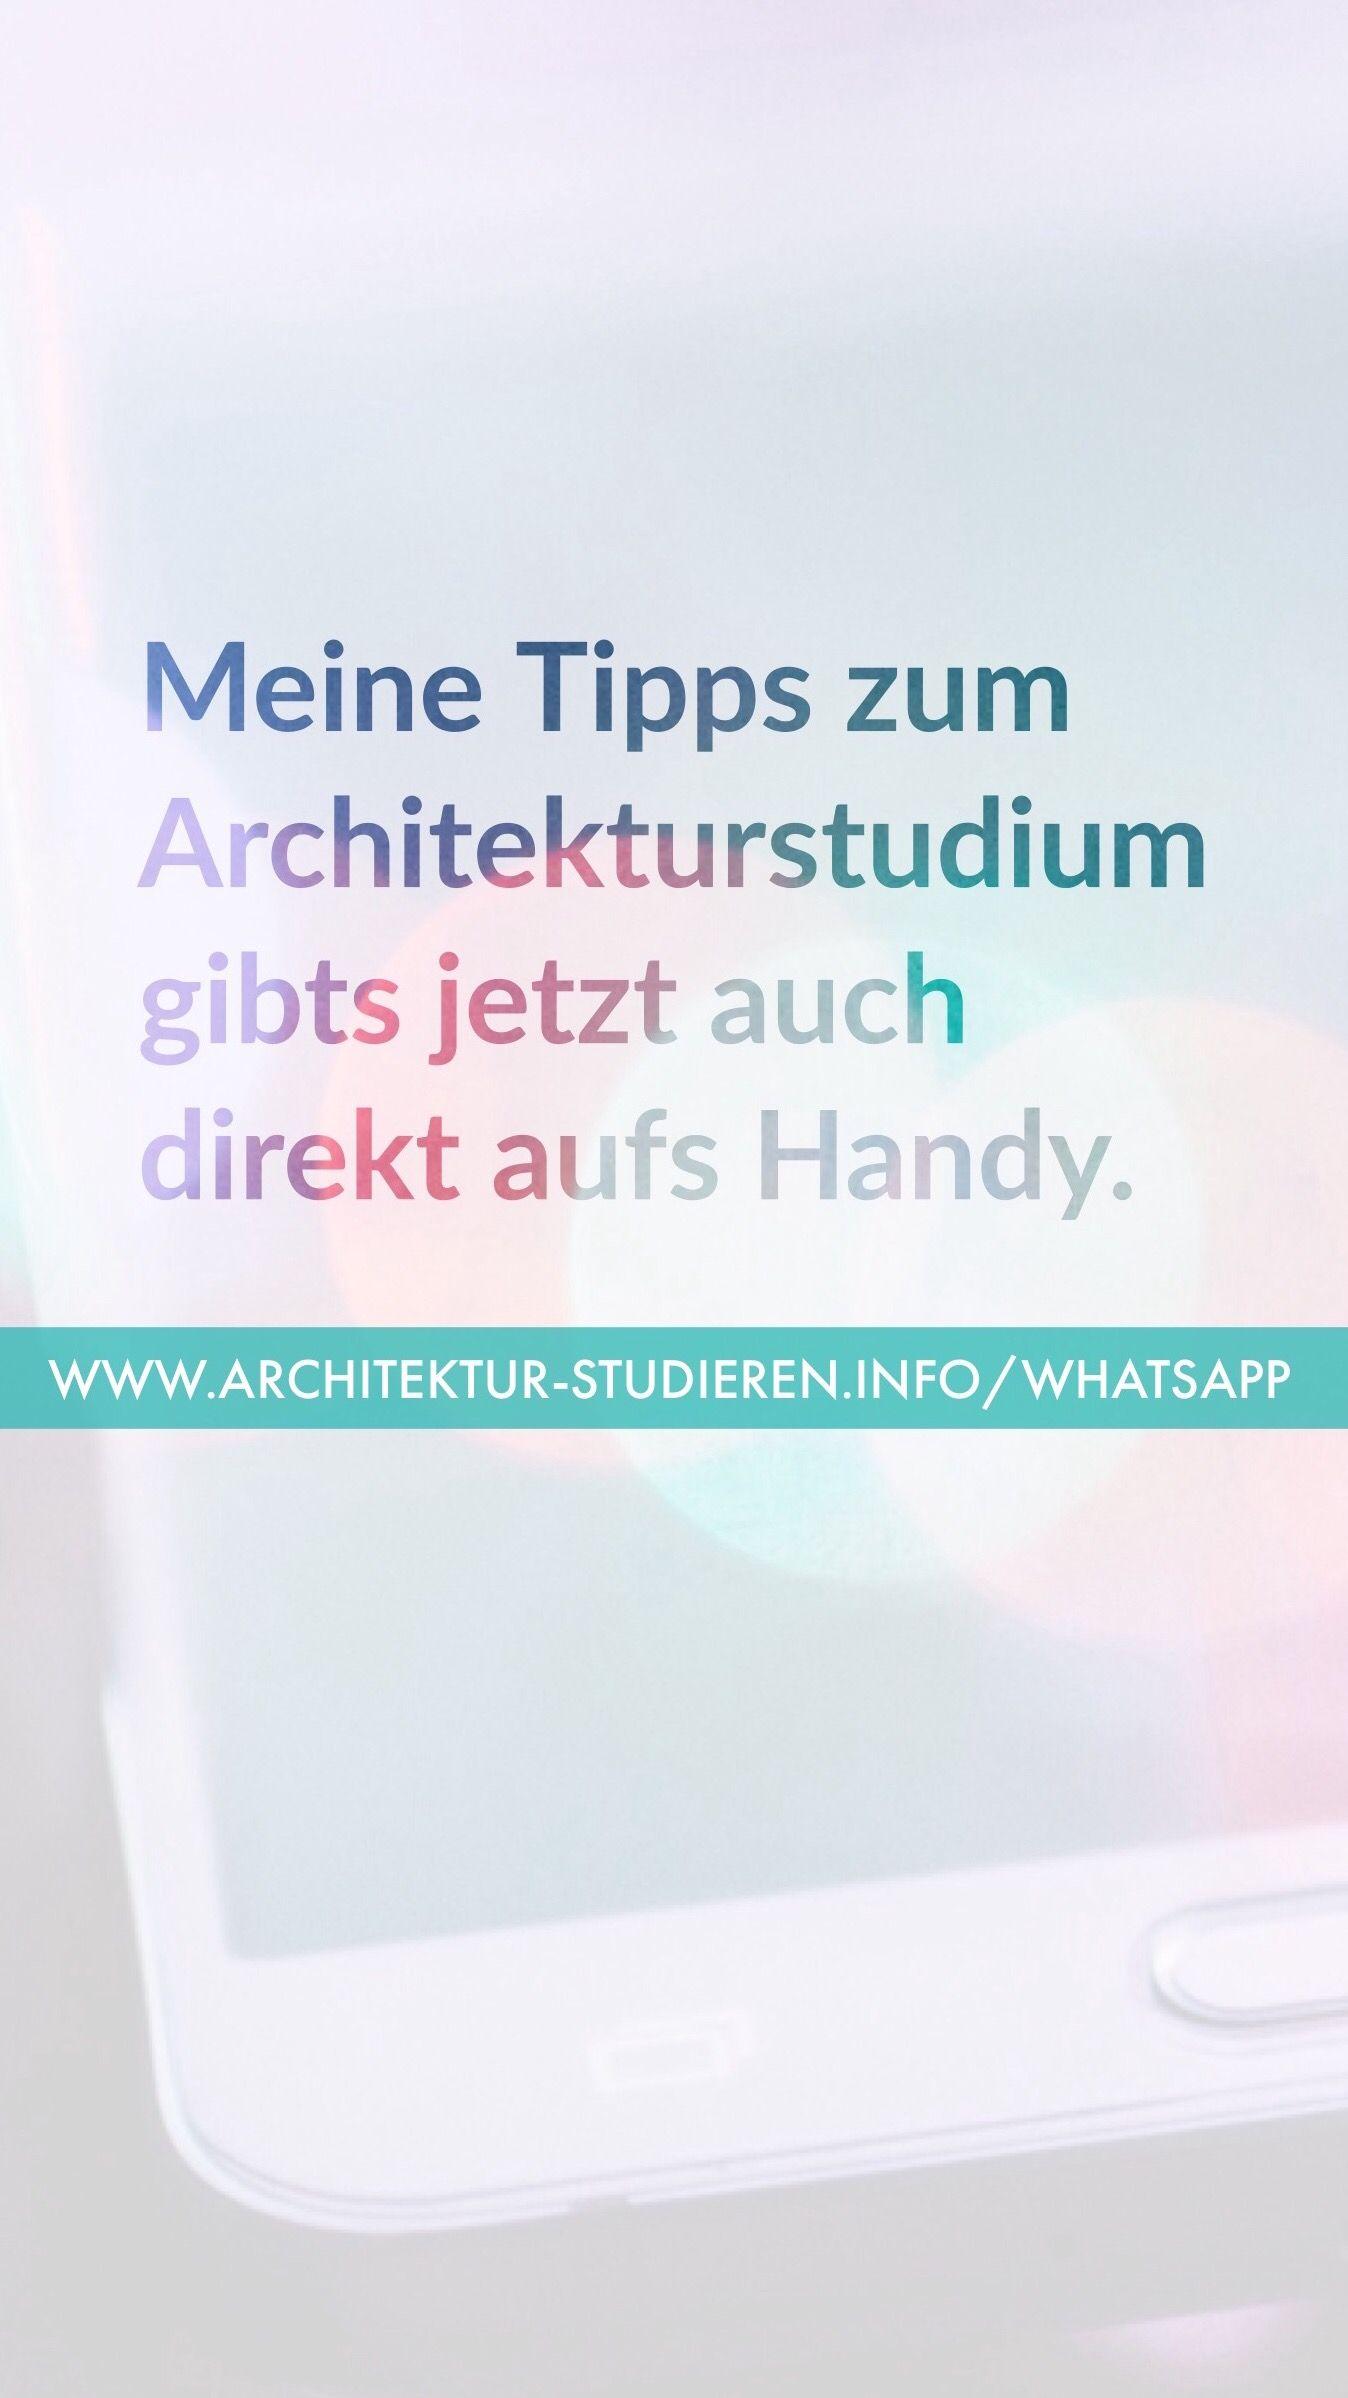 Meine Tipps Zum Architekturstudium Direkt Aufs Handy: Www